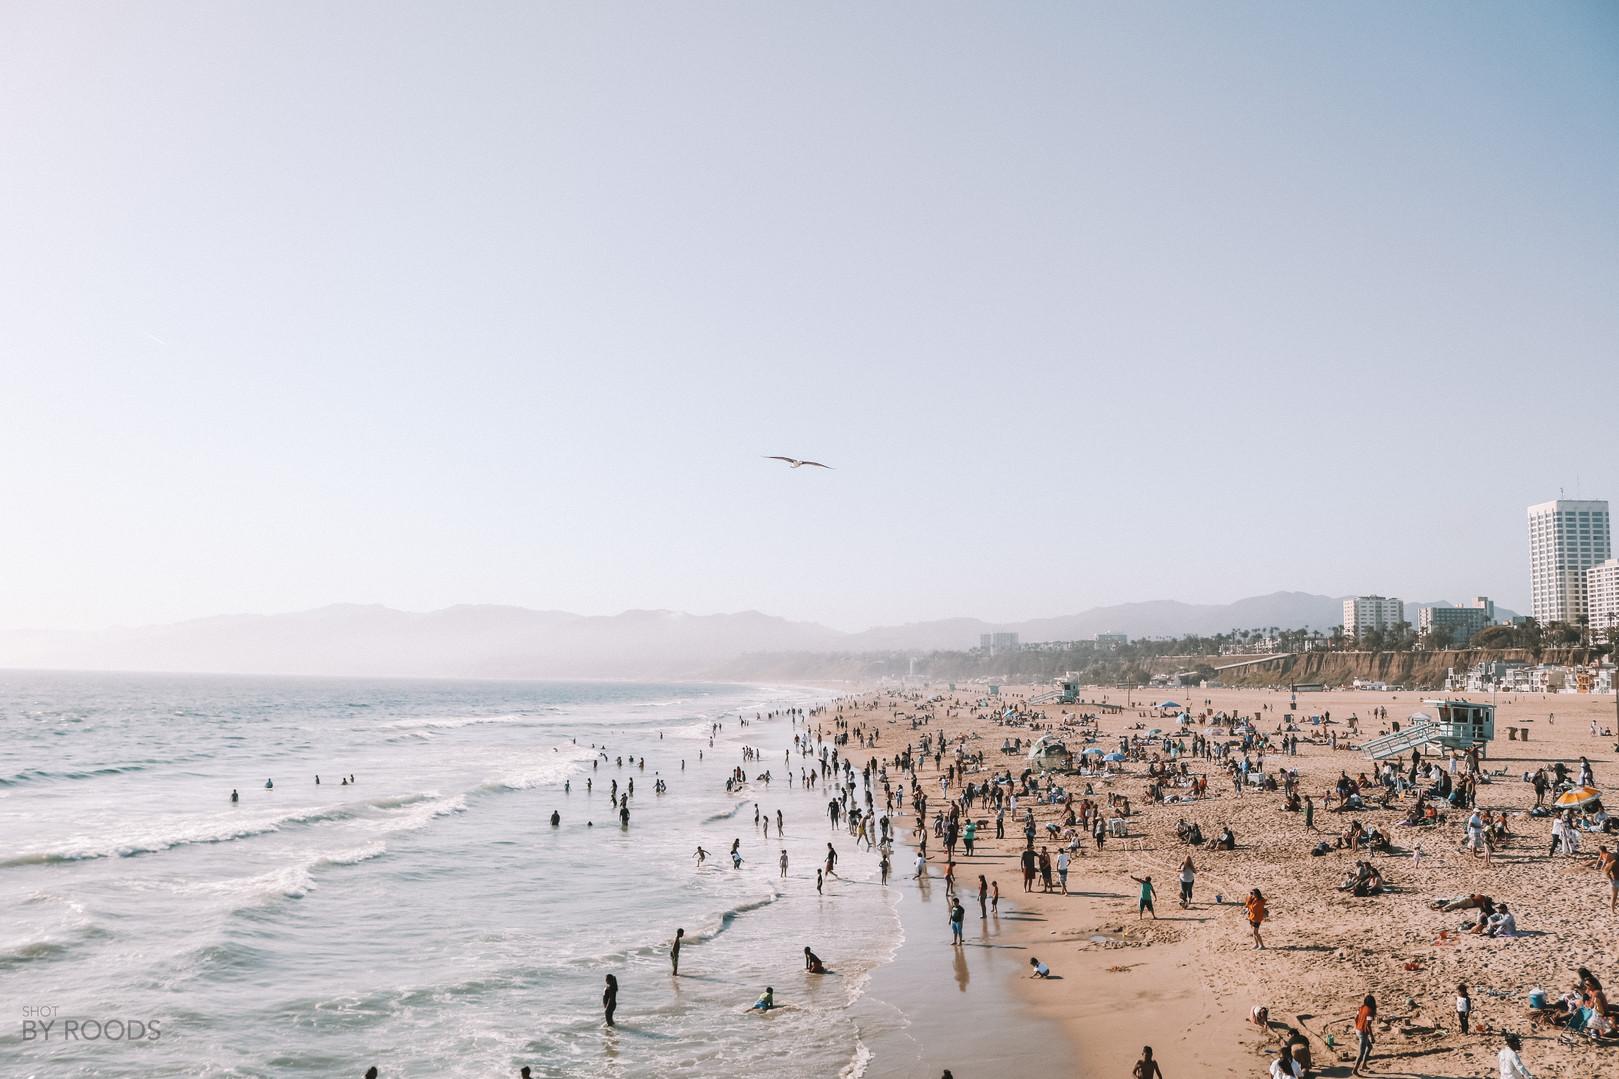 Santa Monica Beach 2.0